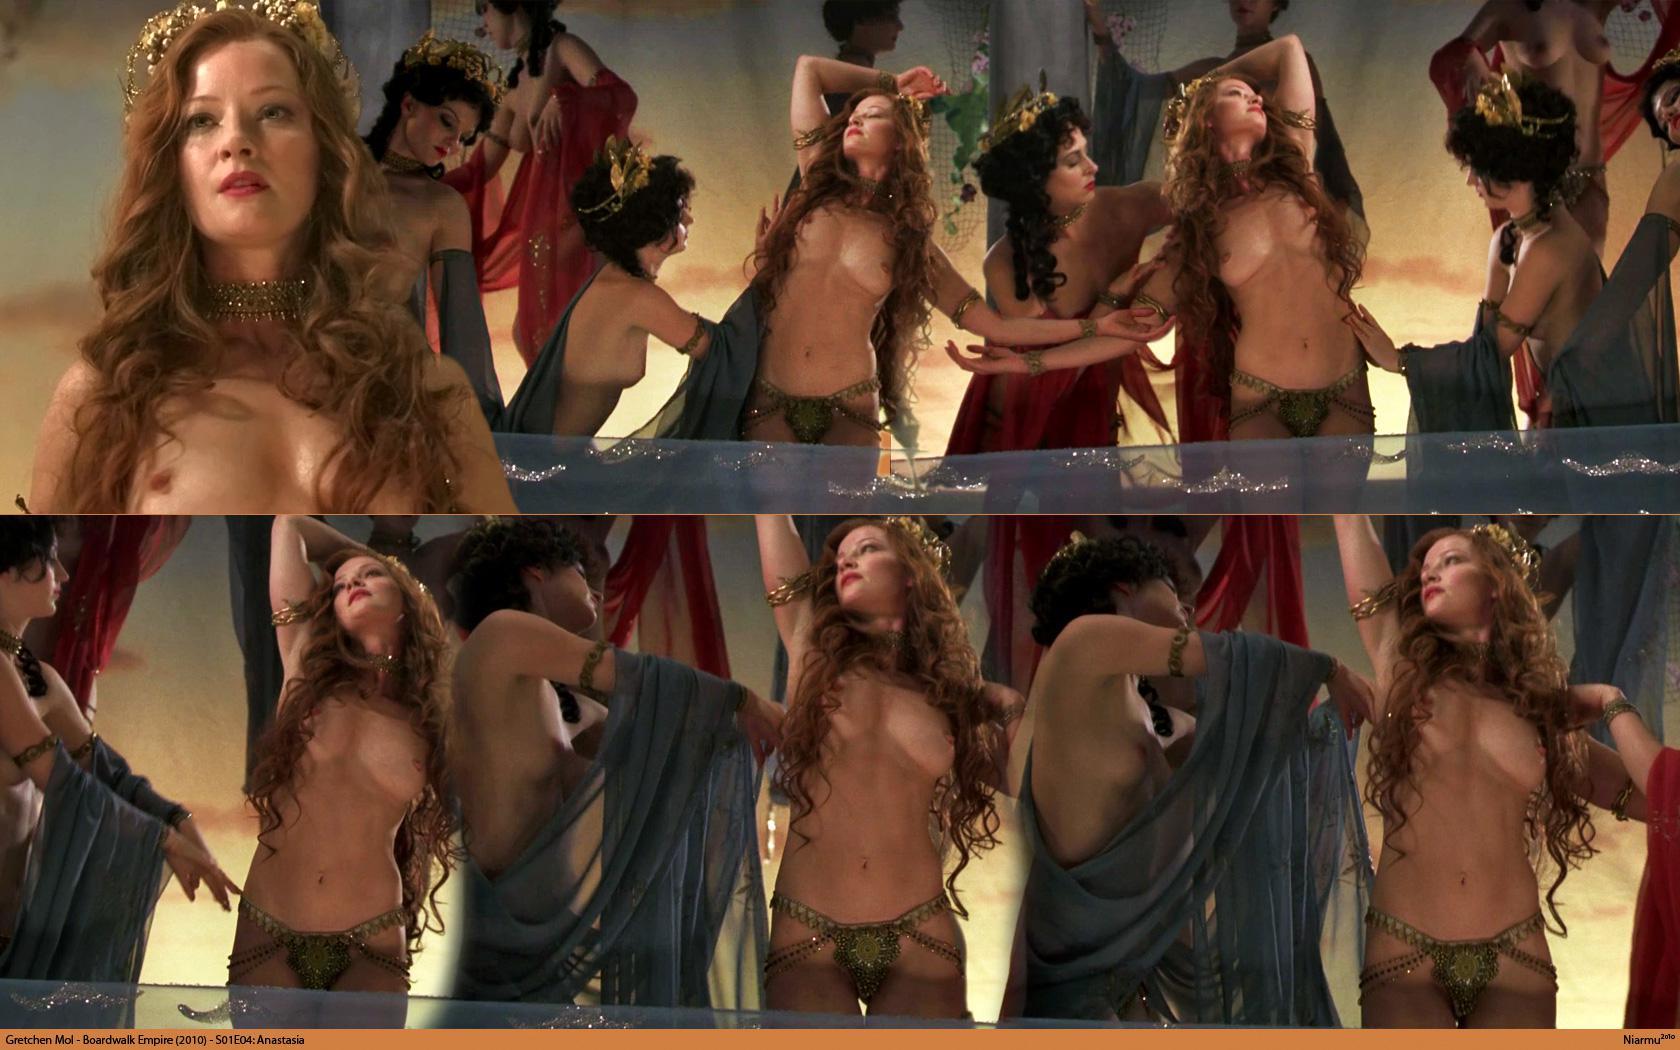 gretchen-mol-sexy-pics-nude